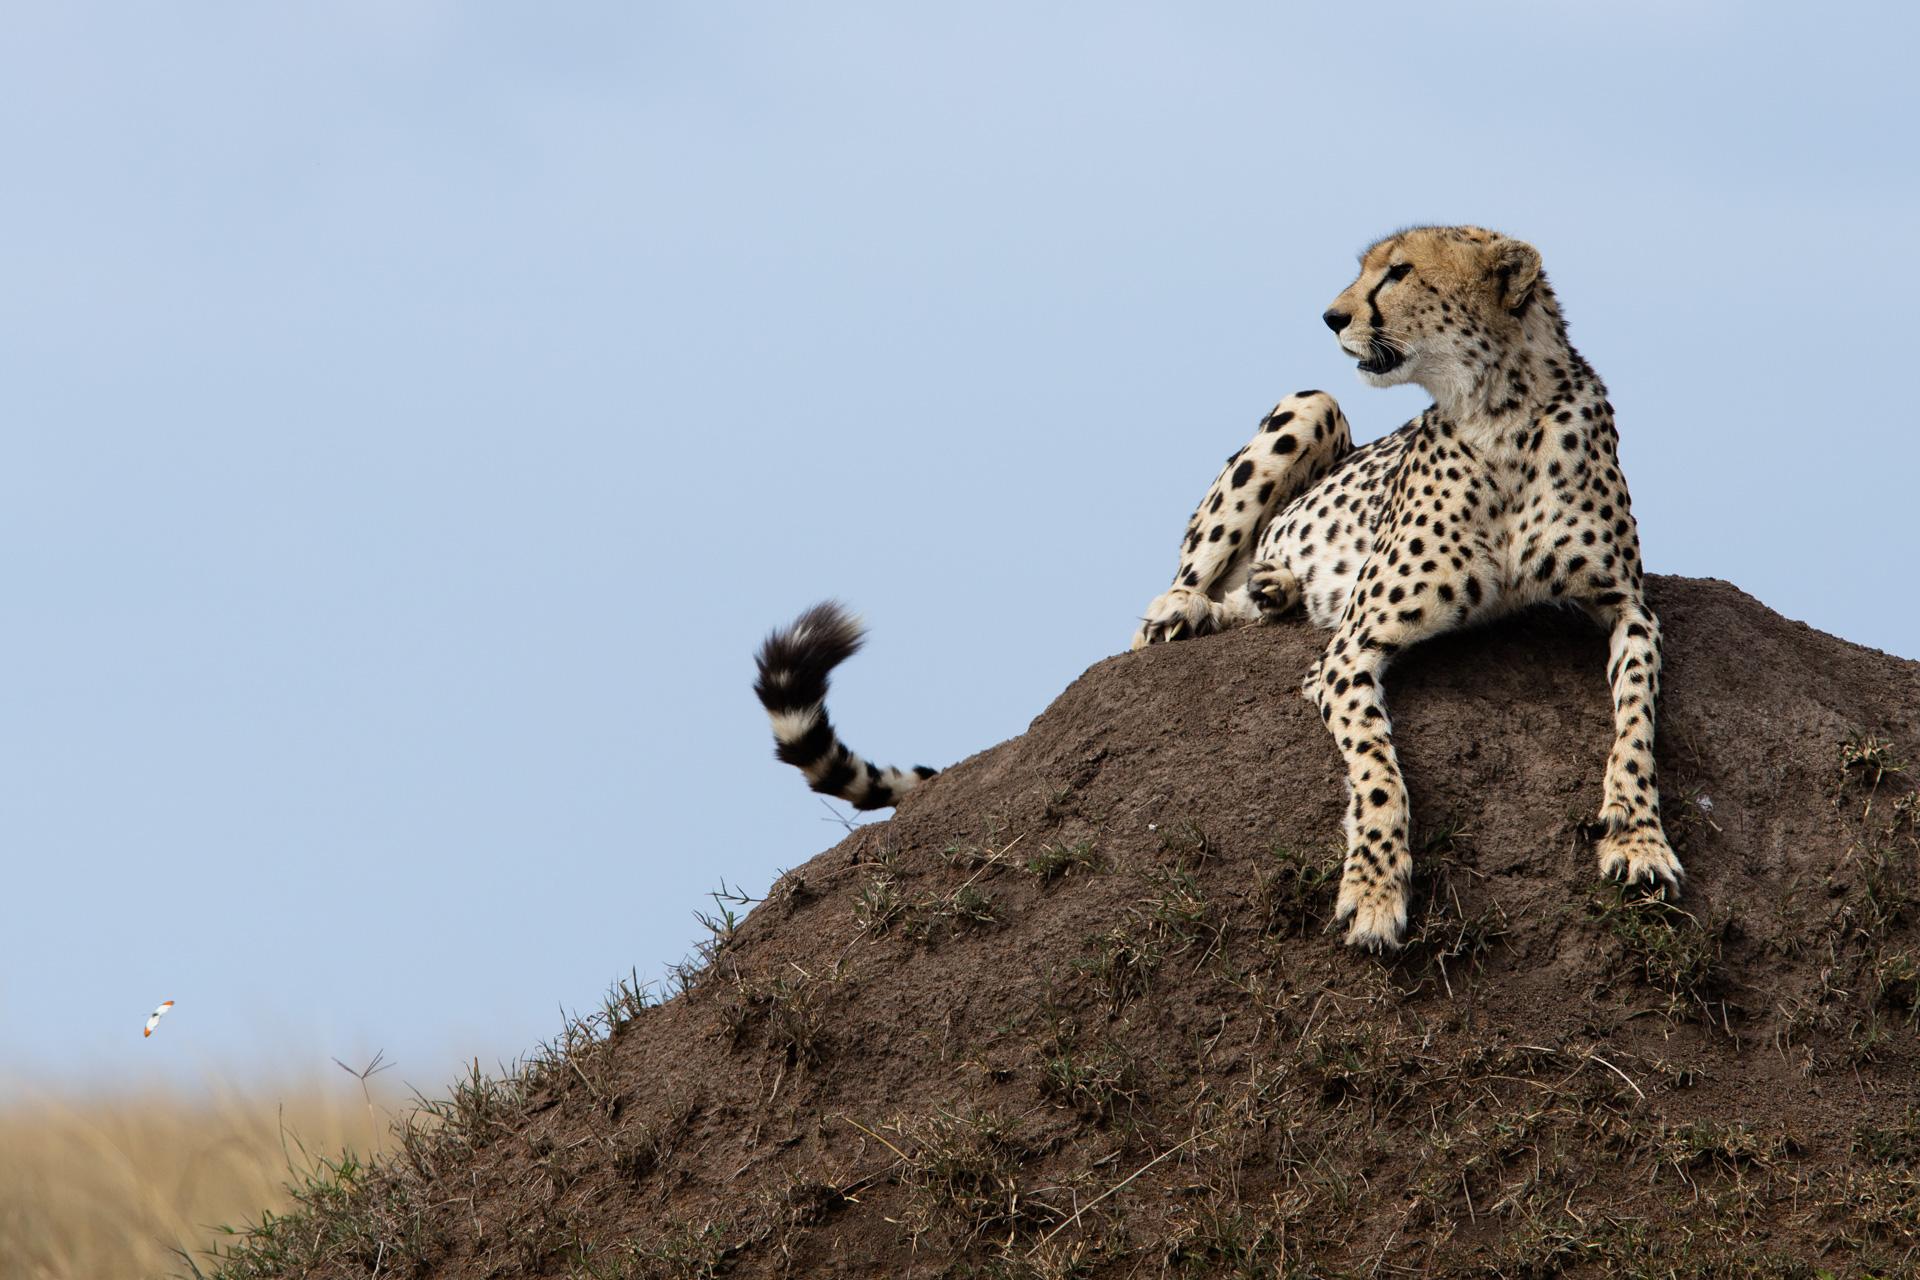 Cheetah Tail flick